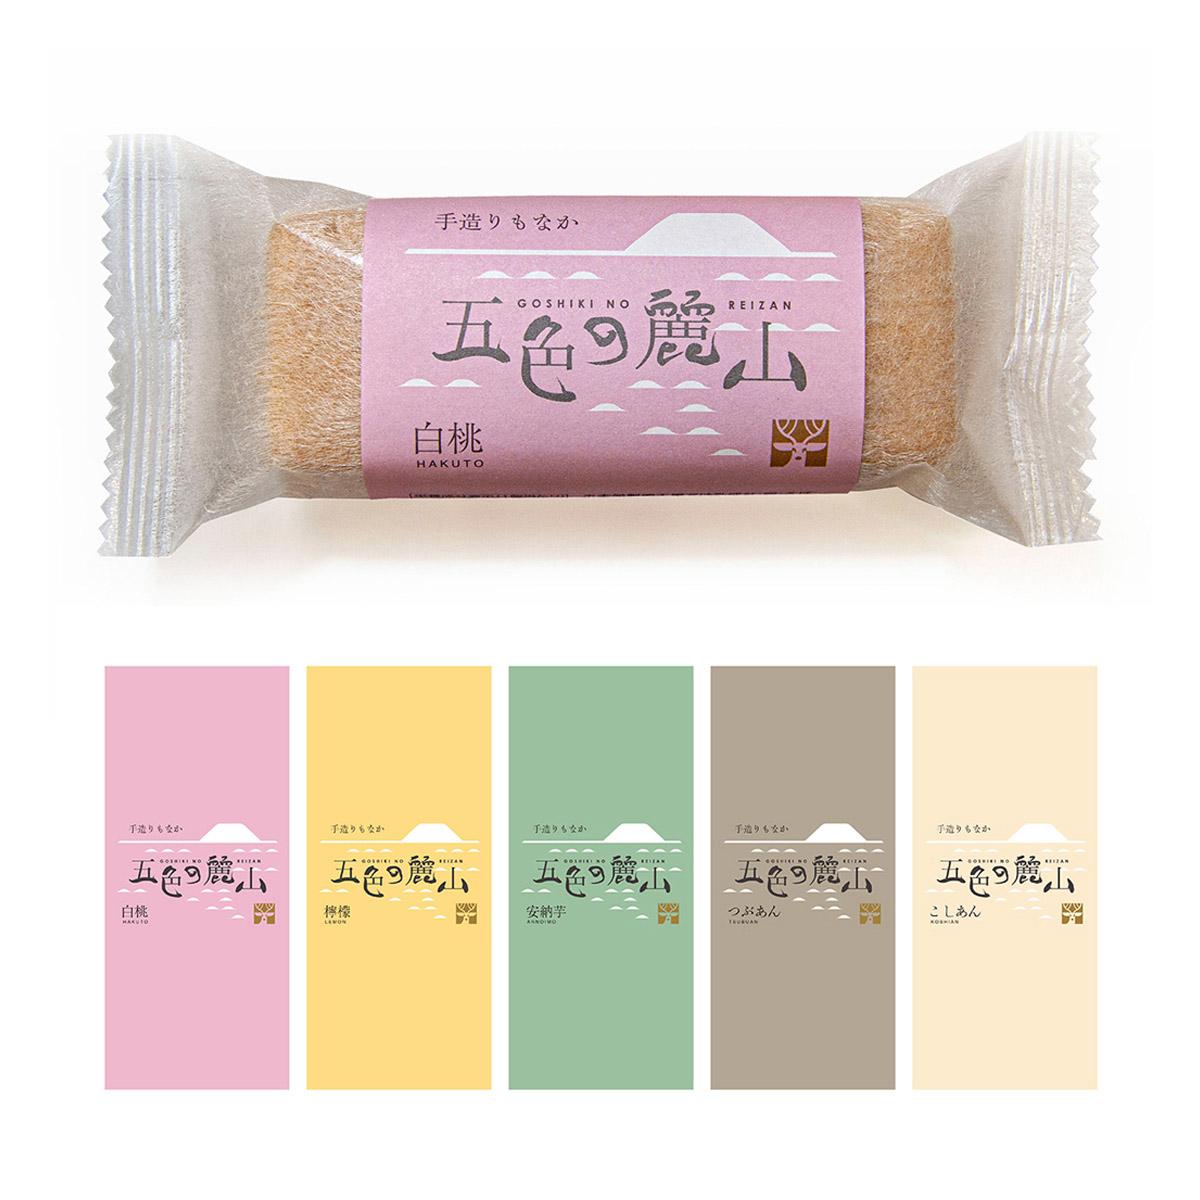 五色の麗山 個包装